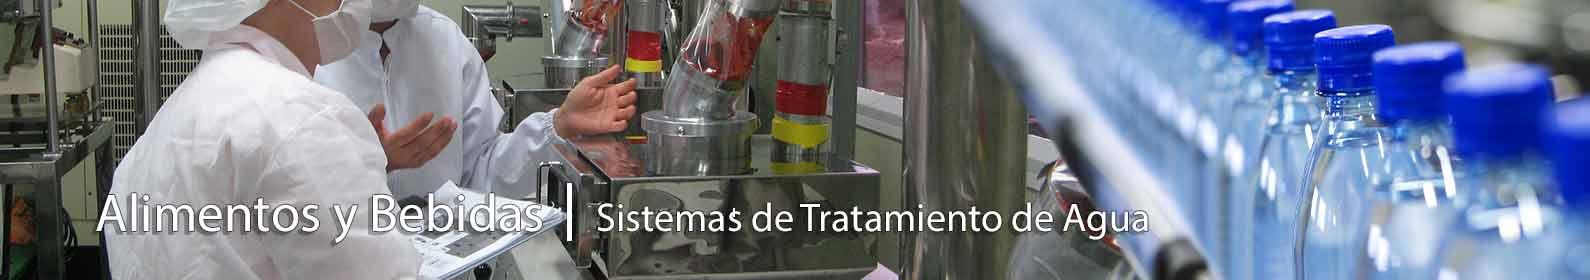 sistemas-de-tratamiento-de-agua-alimentos-y-bebidas.jpg